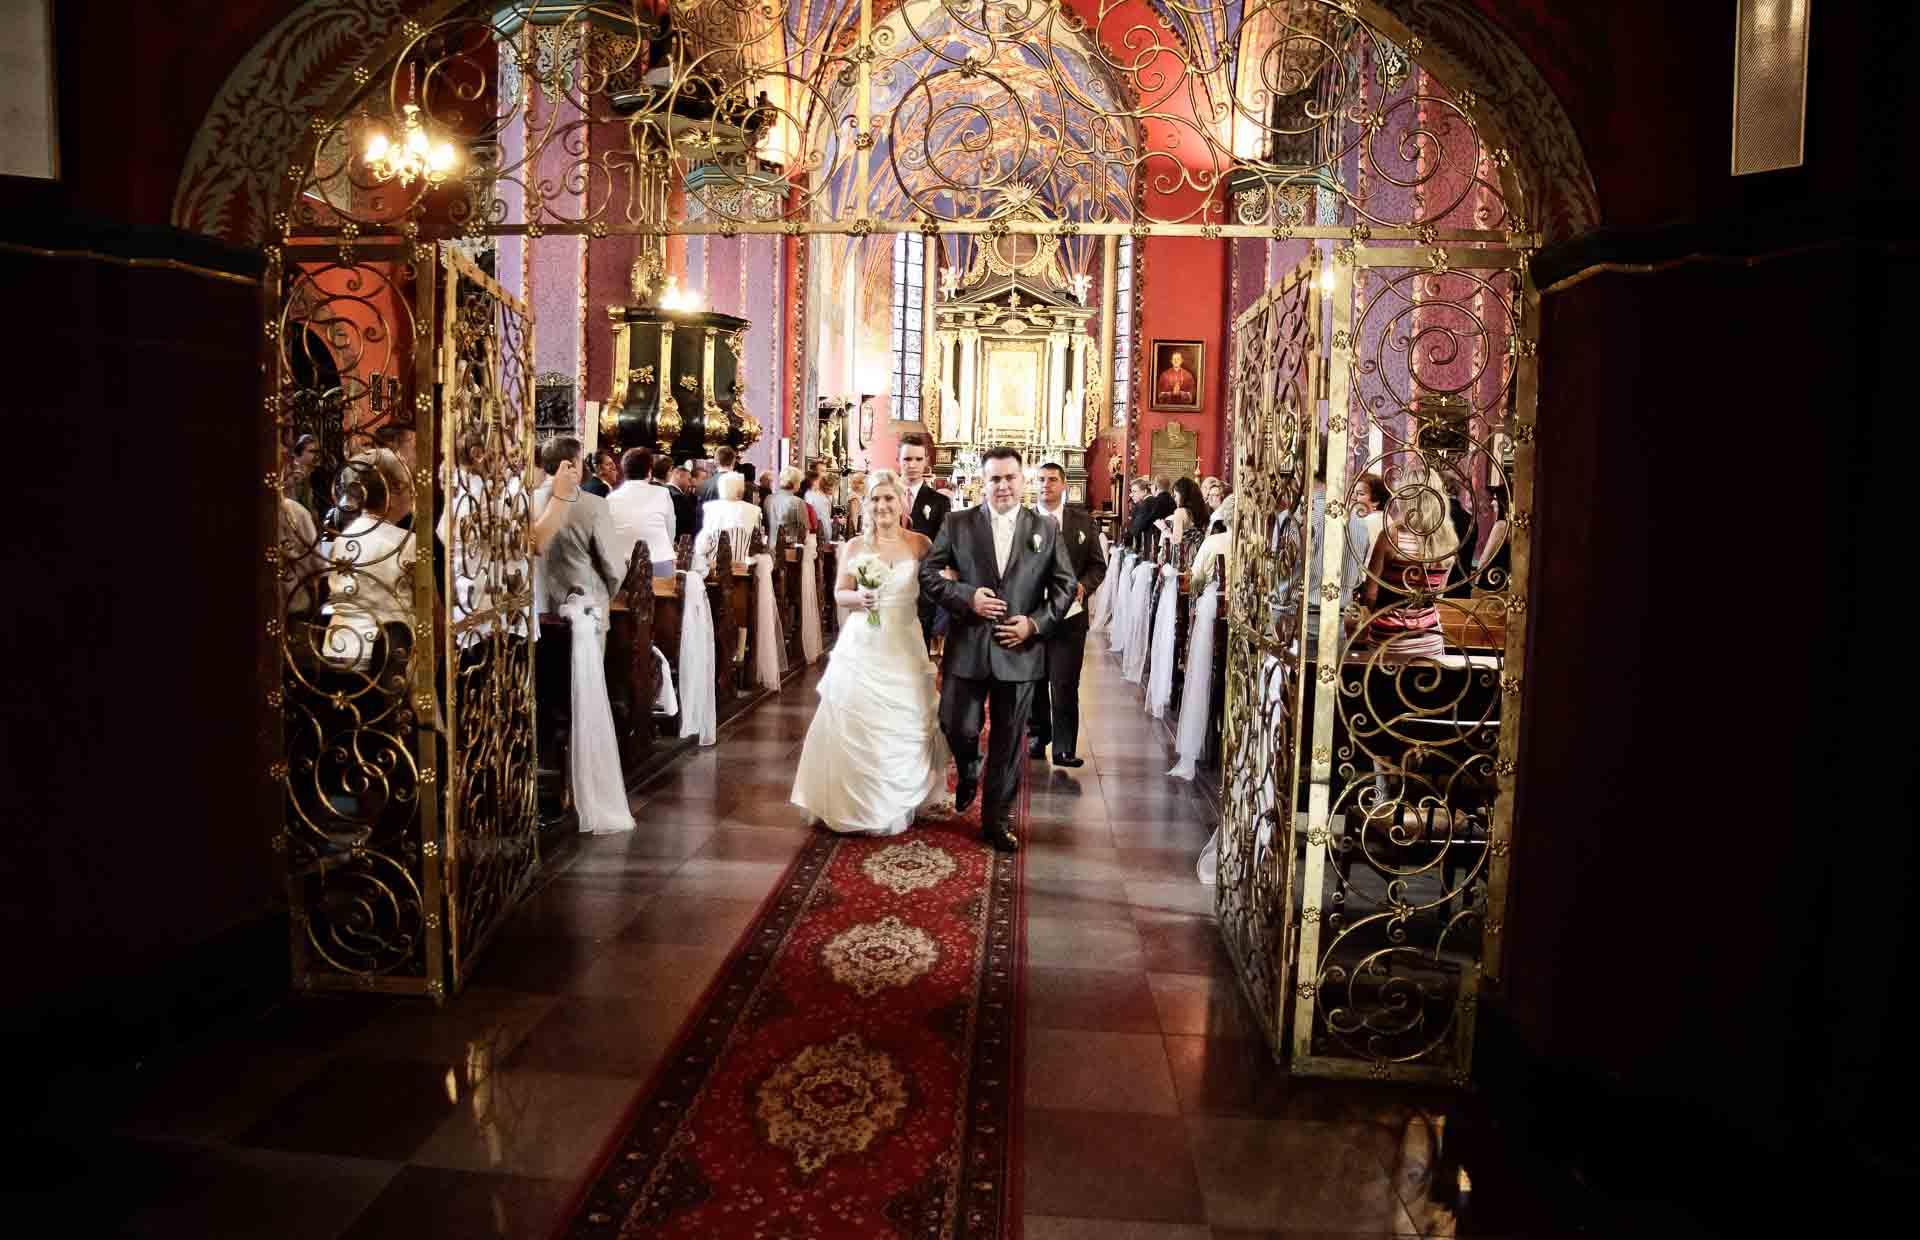 Para Młoda wychodząca z kościoła - fotografia ślubna Bydgoszcz.